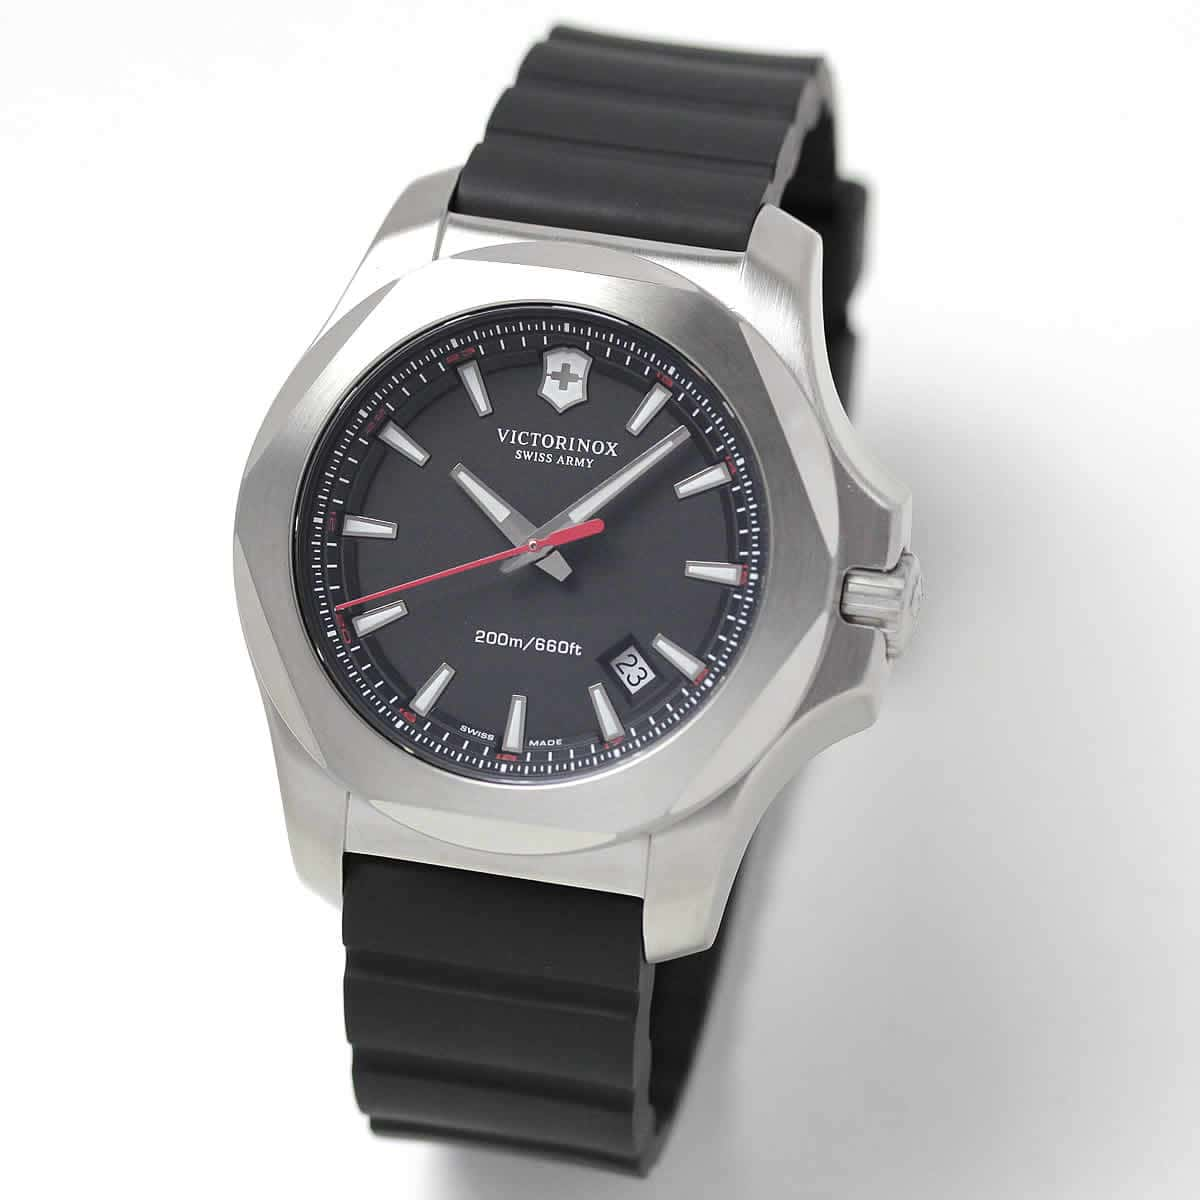 ビクトリノックススイスアーミー I.N.O.X. (イノックス) ラバーベルト/ブラック 241682.1 腕時計